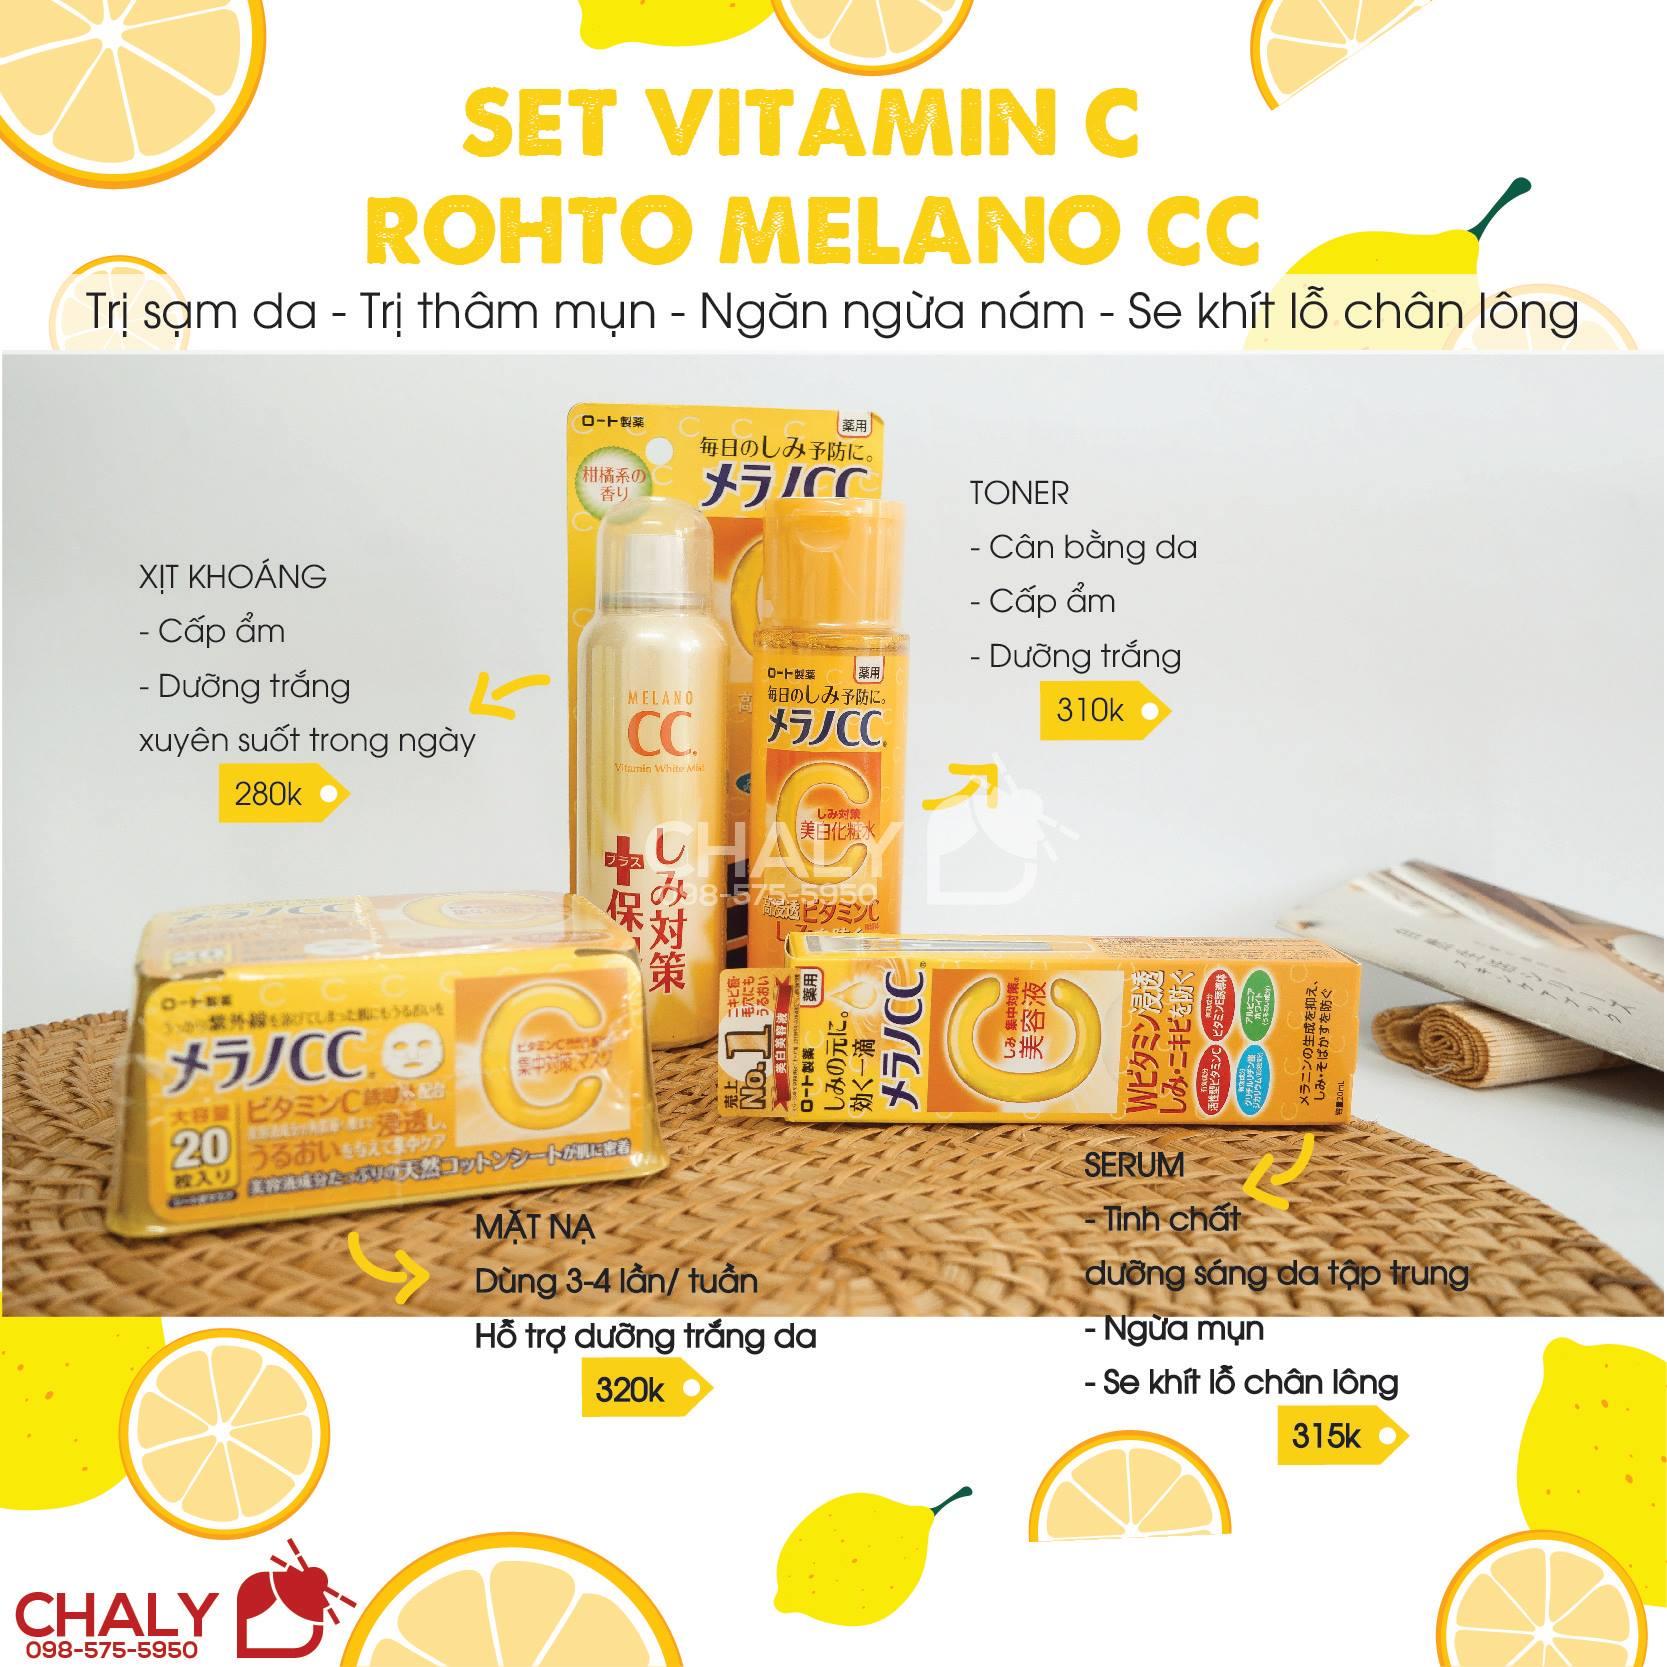 Bộ mỹ phẩm vitamin C Melano Rohto Nhật nội địa trị thâm mụn hiệu quả